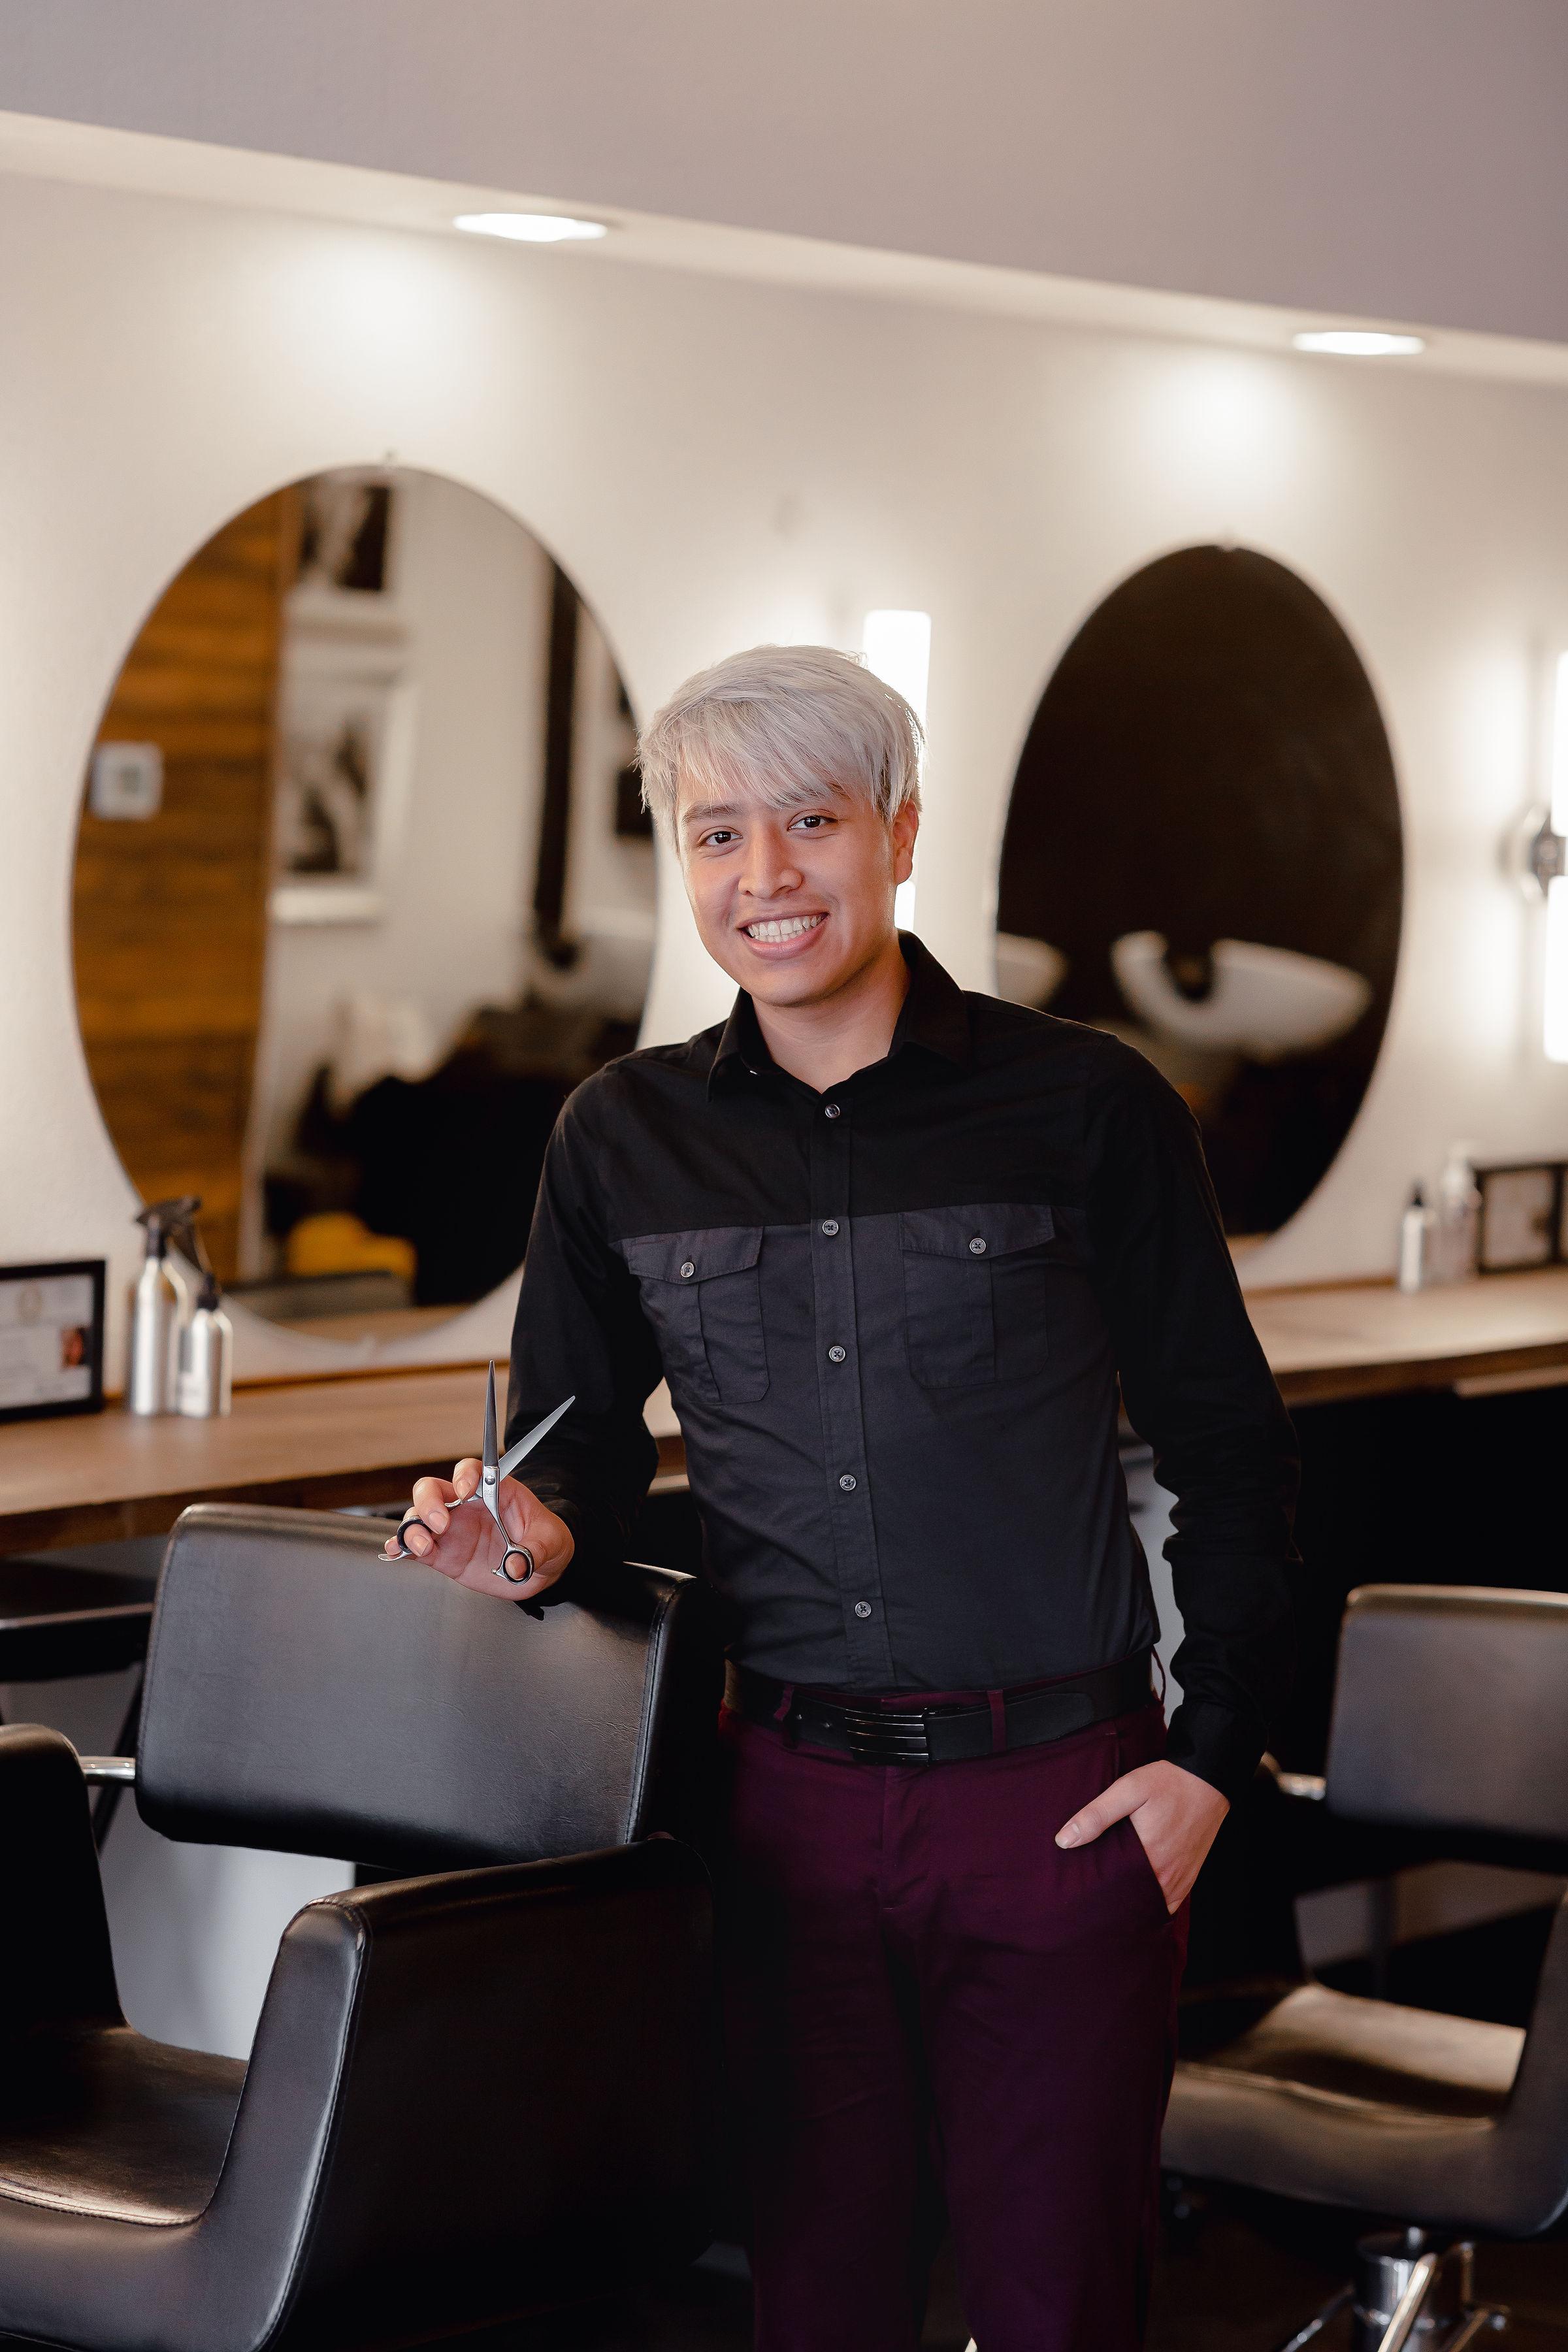 Ricardo Perez - @hairbyxo.rickyJunior Stylist